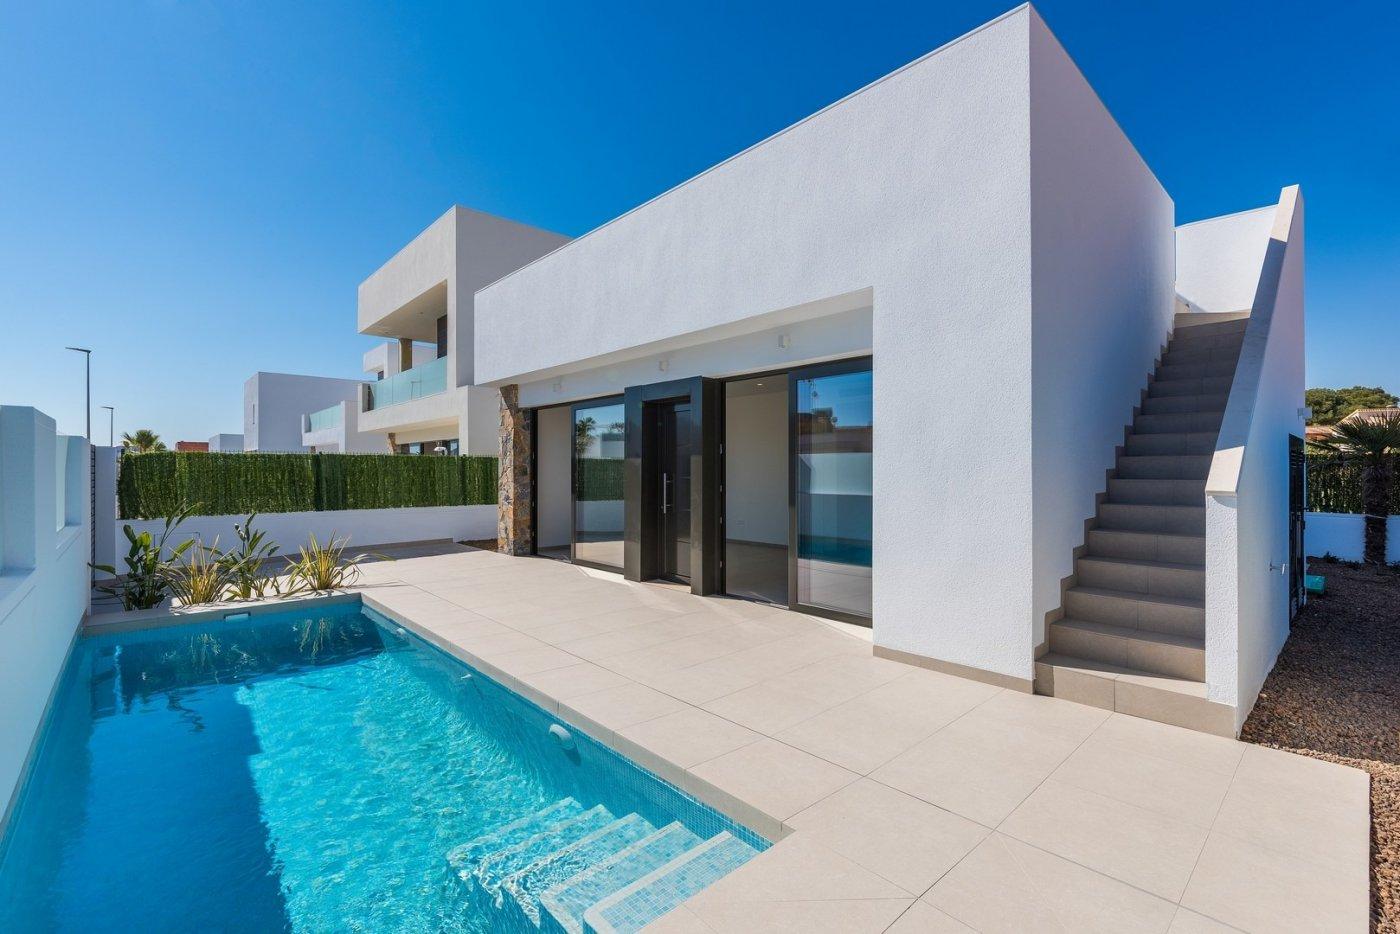 Villas nuevas con piscina privada y solarium a 700m de la playa !!! - imagenInmueble1